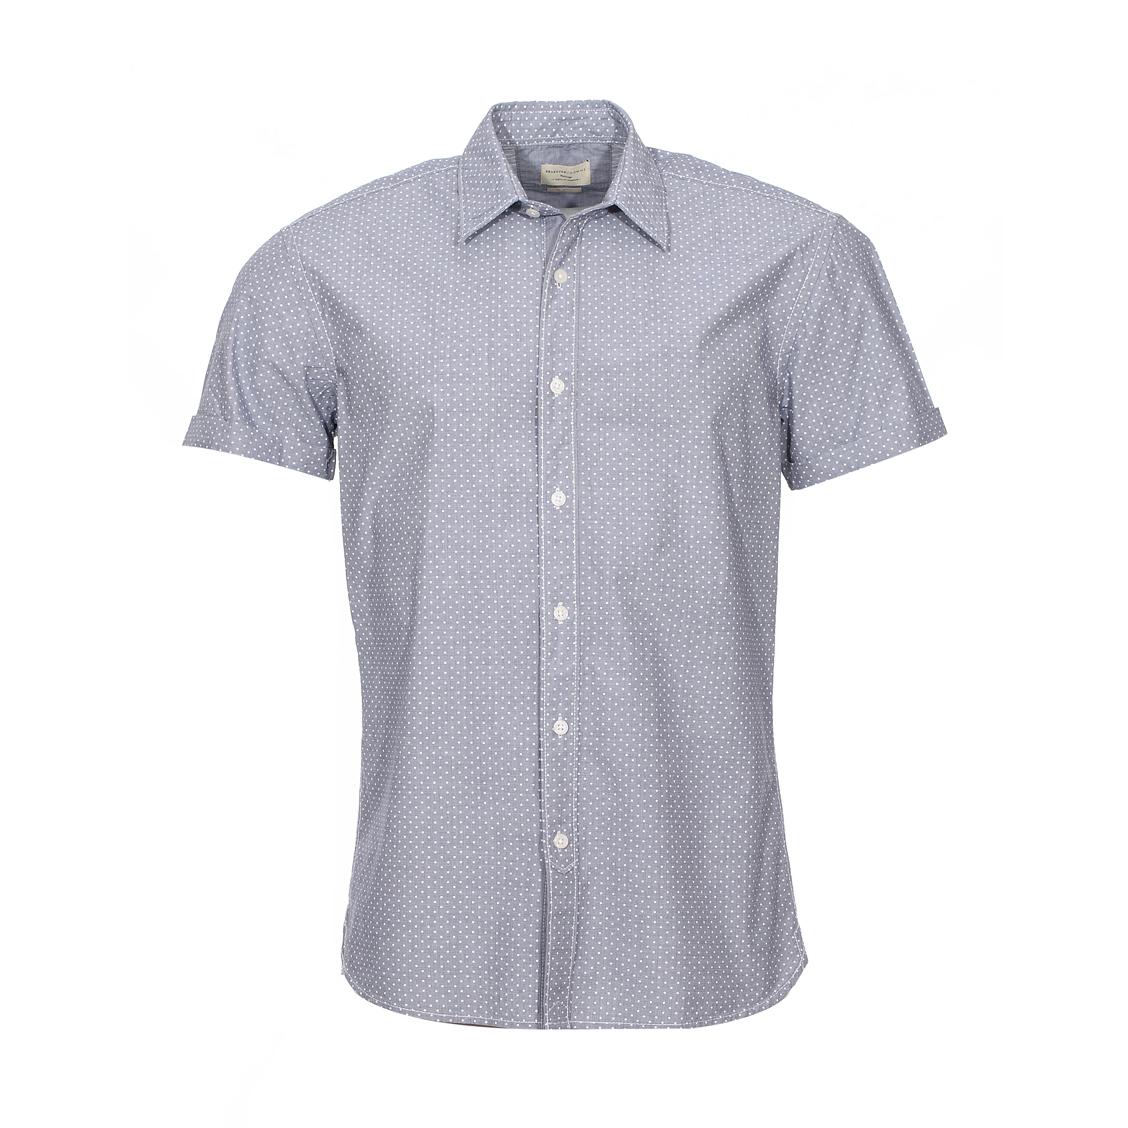 Chemise ajustée  en coton bleu gris, à petits pois blancs